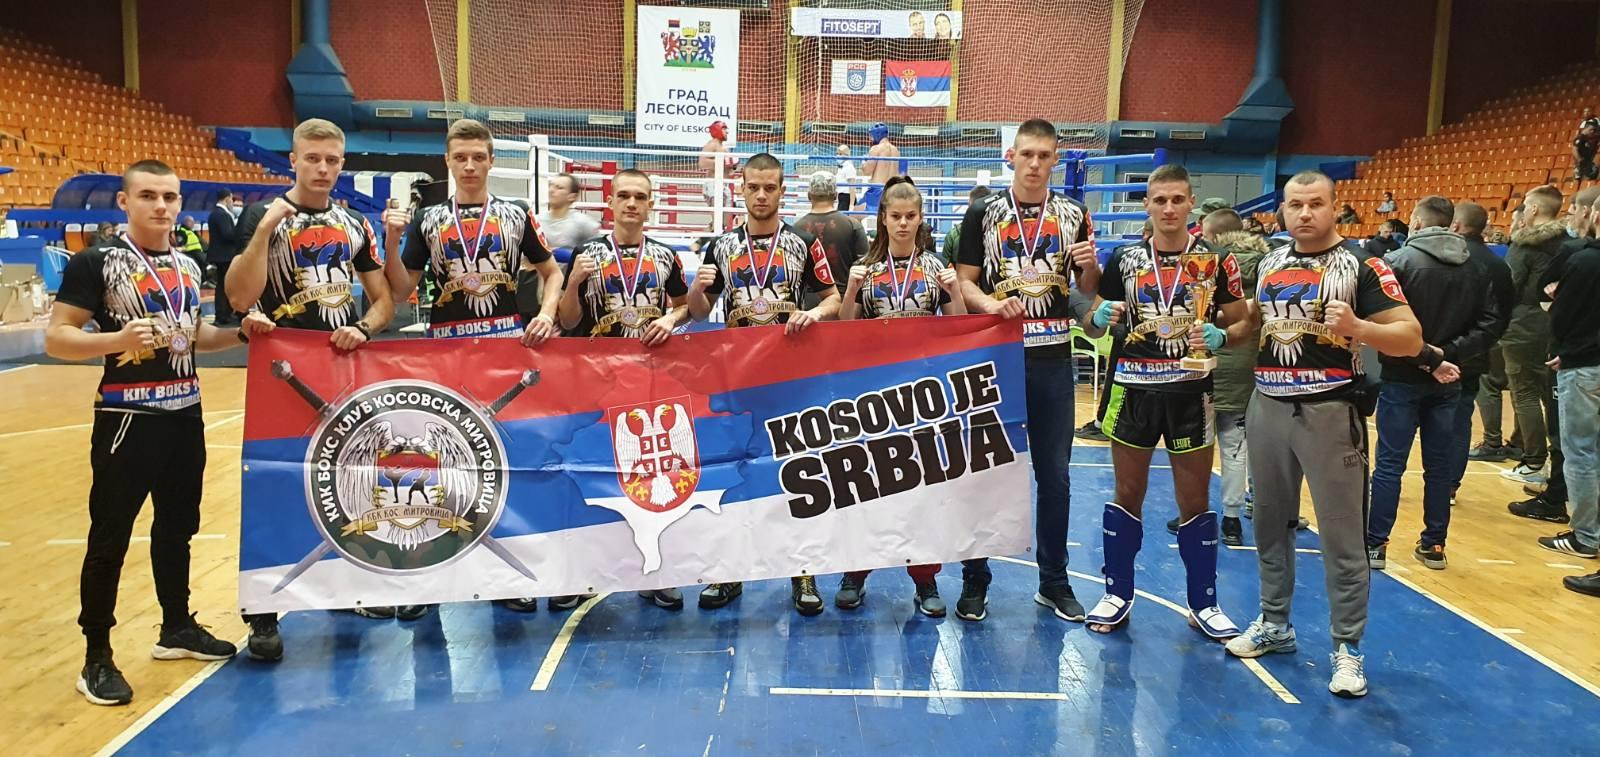 kik-boks-klub-kosovska-mitrovica-osvojio-sedam-medalja-i-pehar-za-najboljeg-takmicara